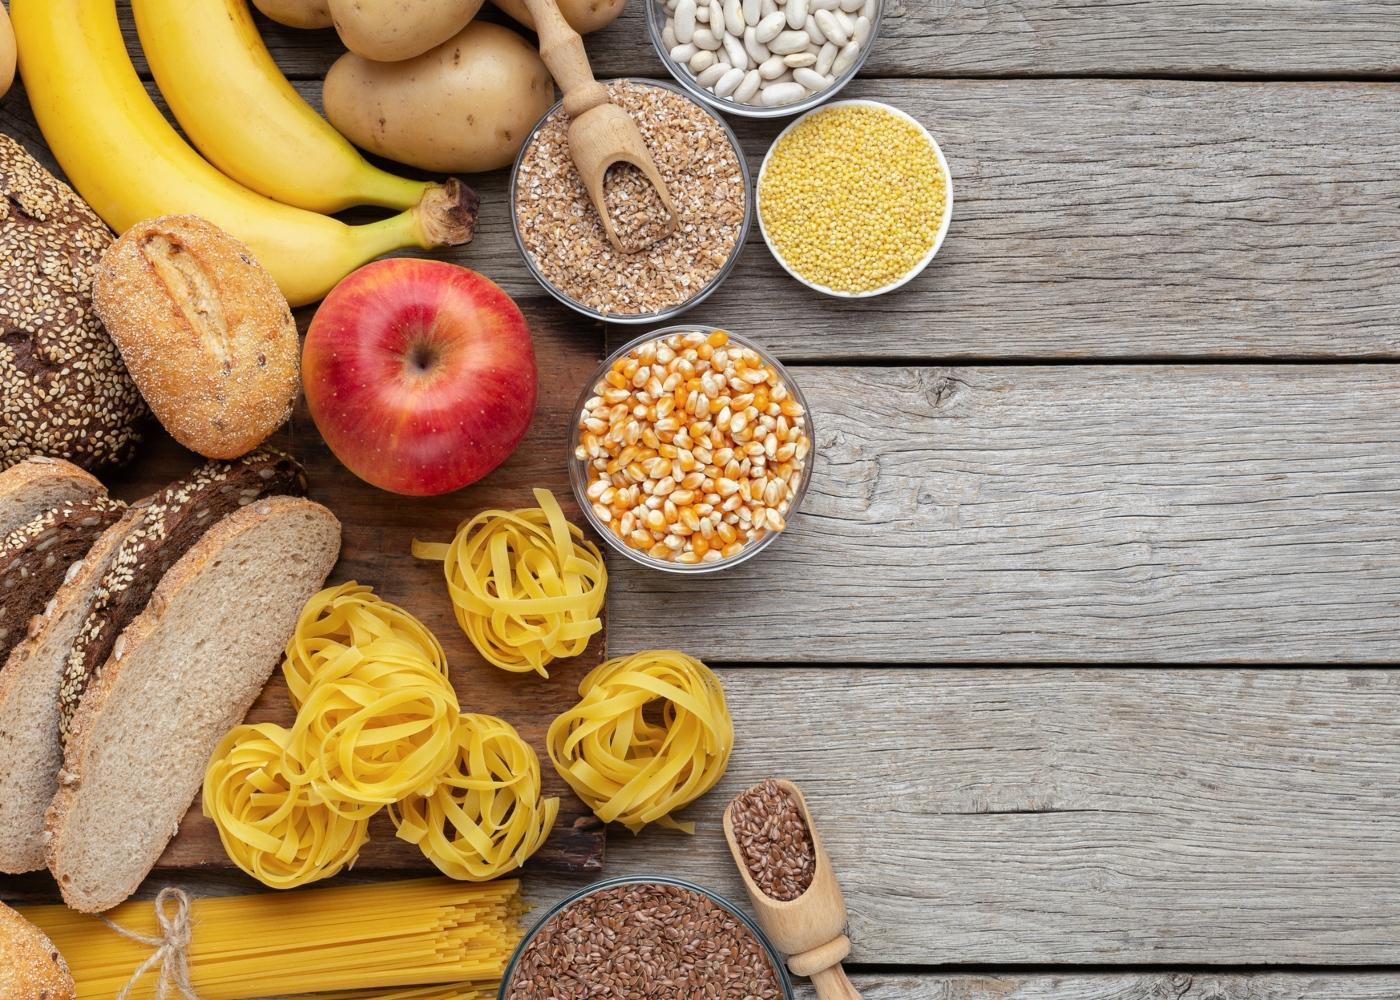 Reduzir a quantidade de hidratos de carbono durante a quarentena: alimentos ricos em hidratos